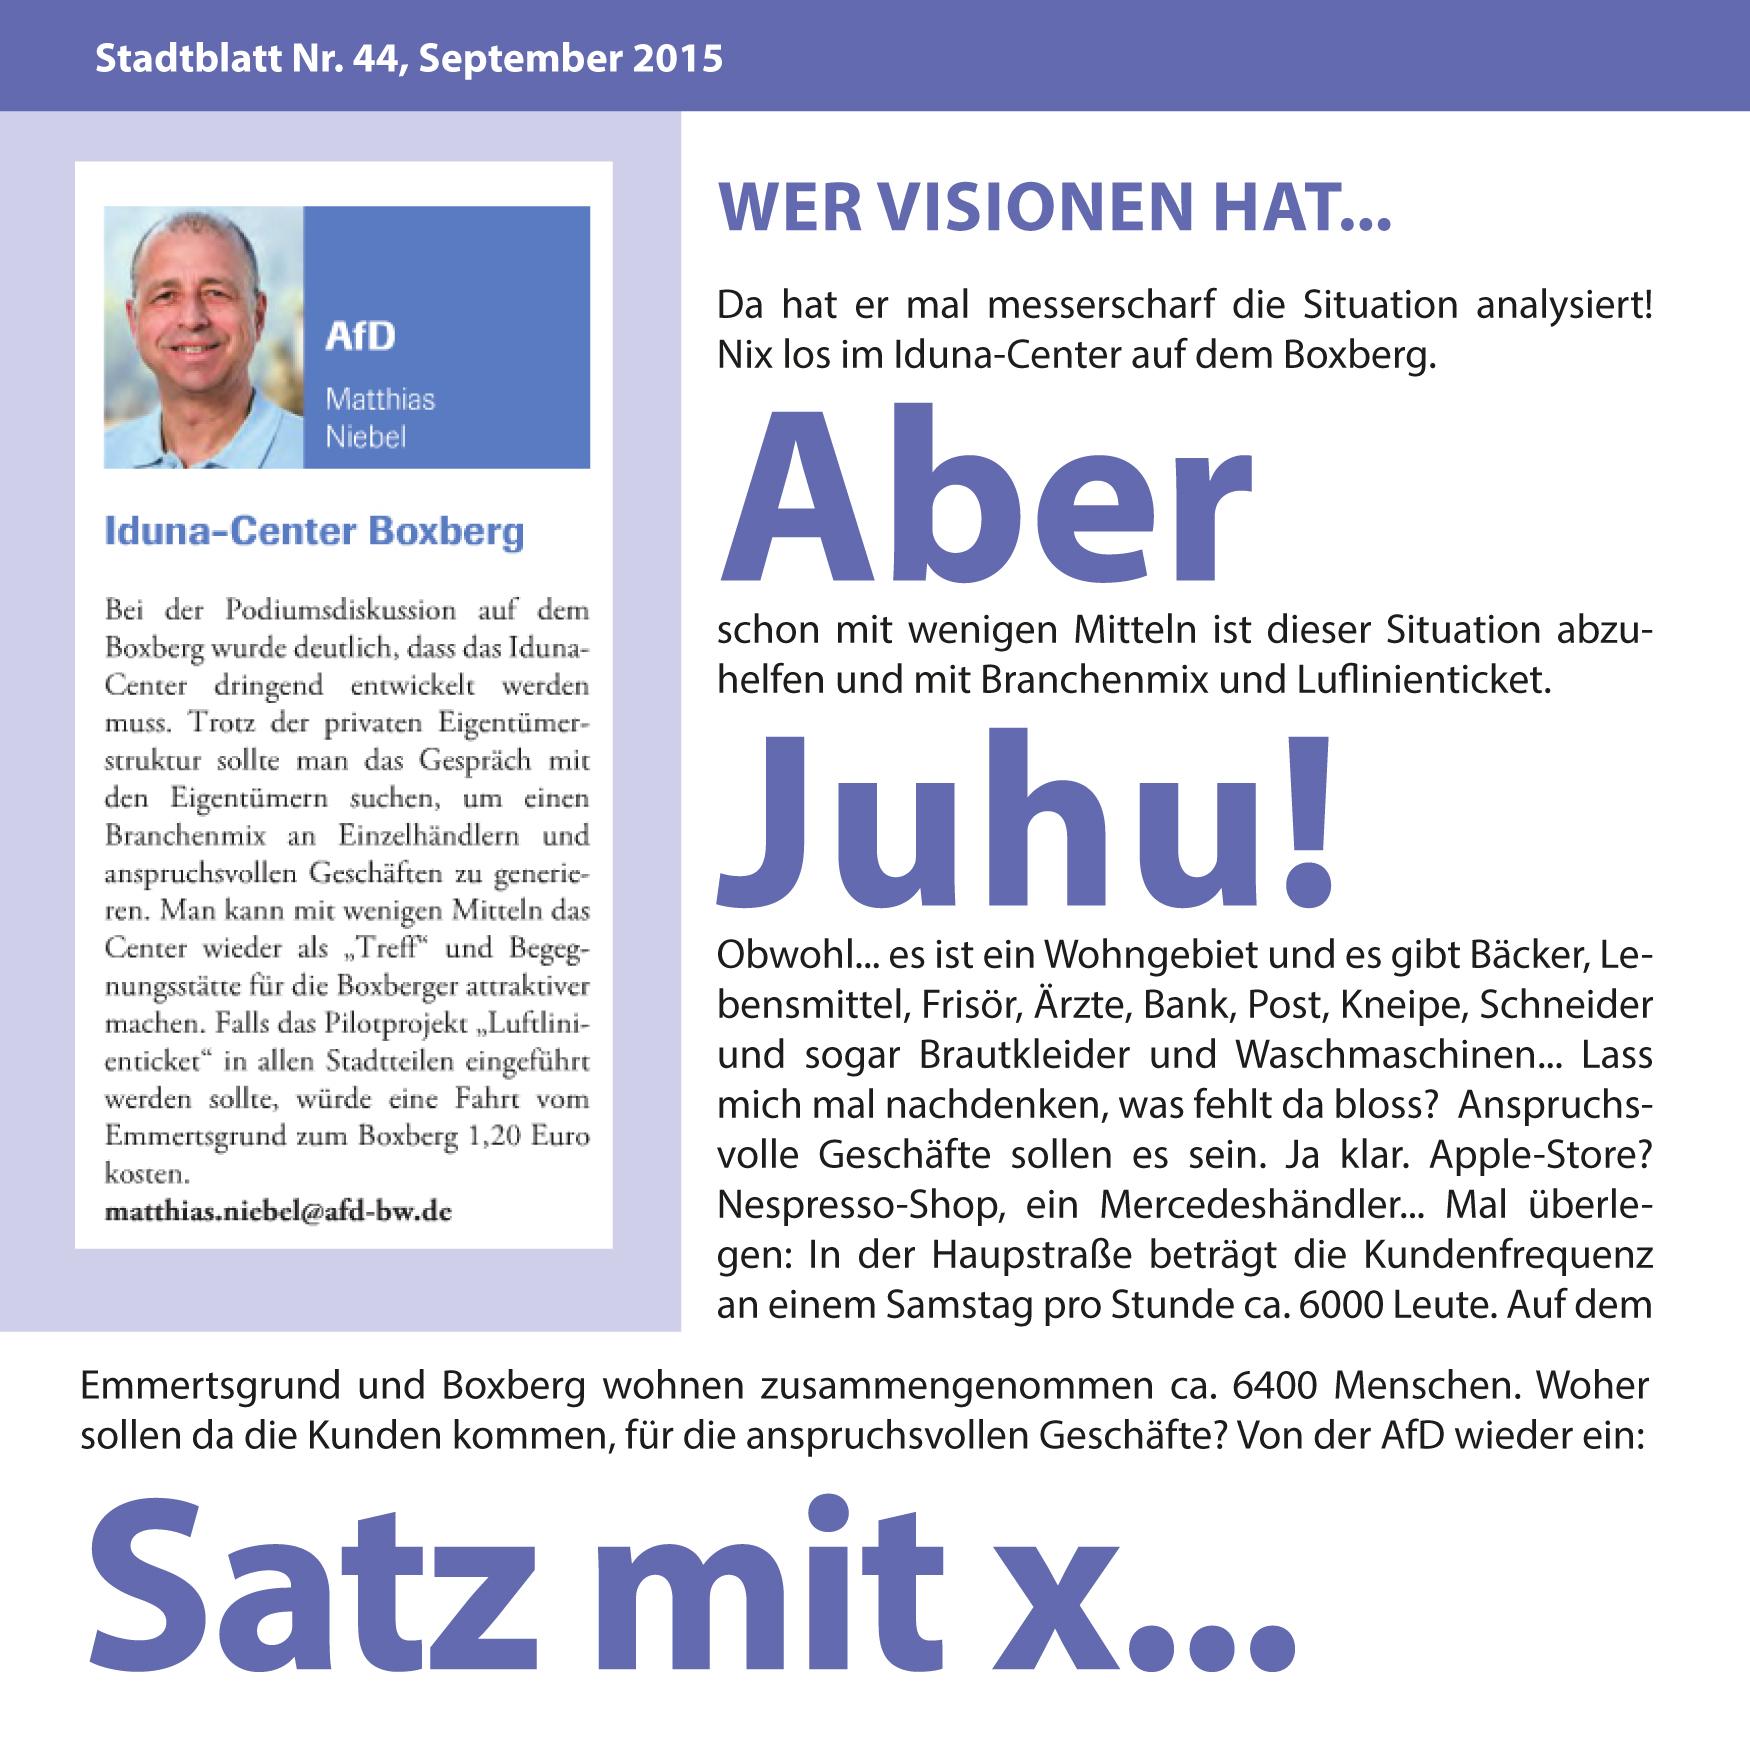 ... der soll zum Arzt gehen. Ein guter Tipp von Helmut Schmidt. Leider hört der Herr Niebel wahrscheinlich nicht auf gute Ratschläge.